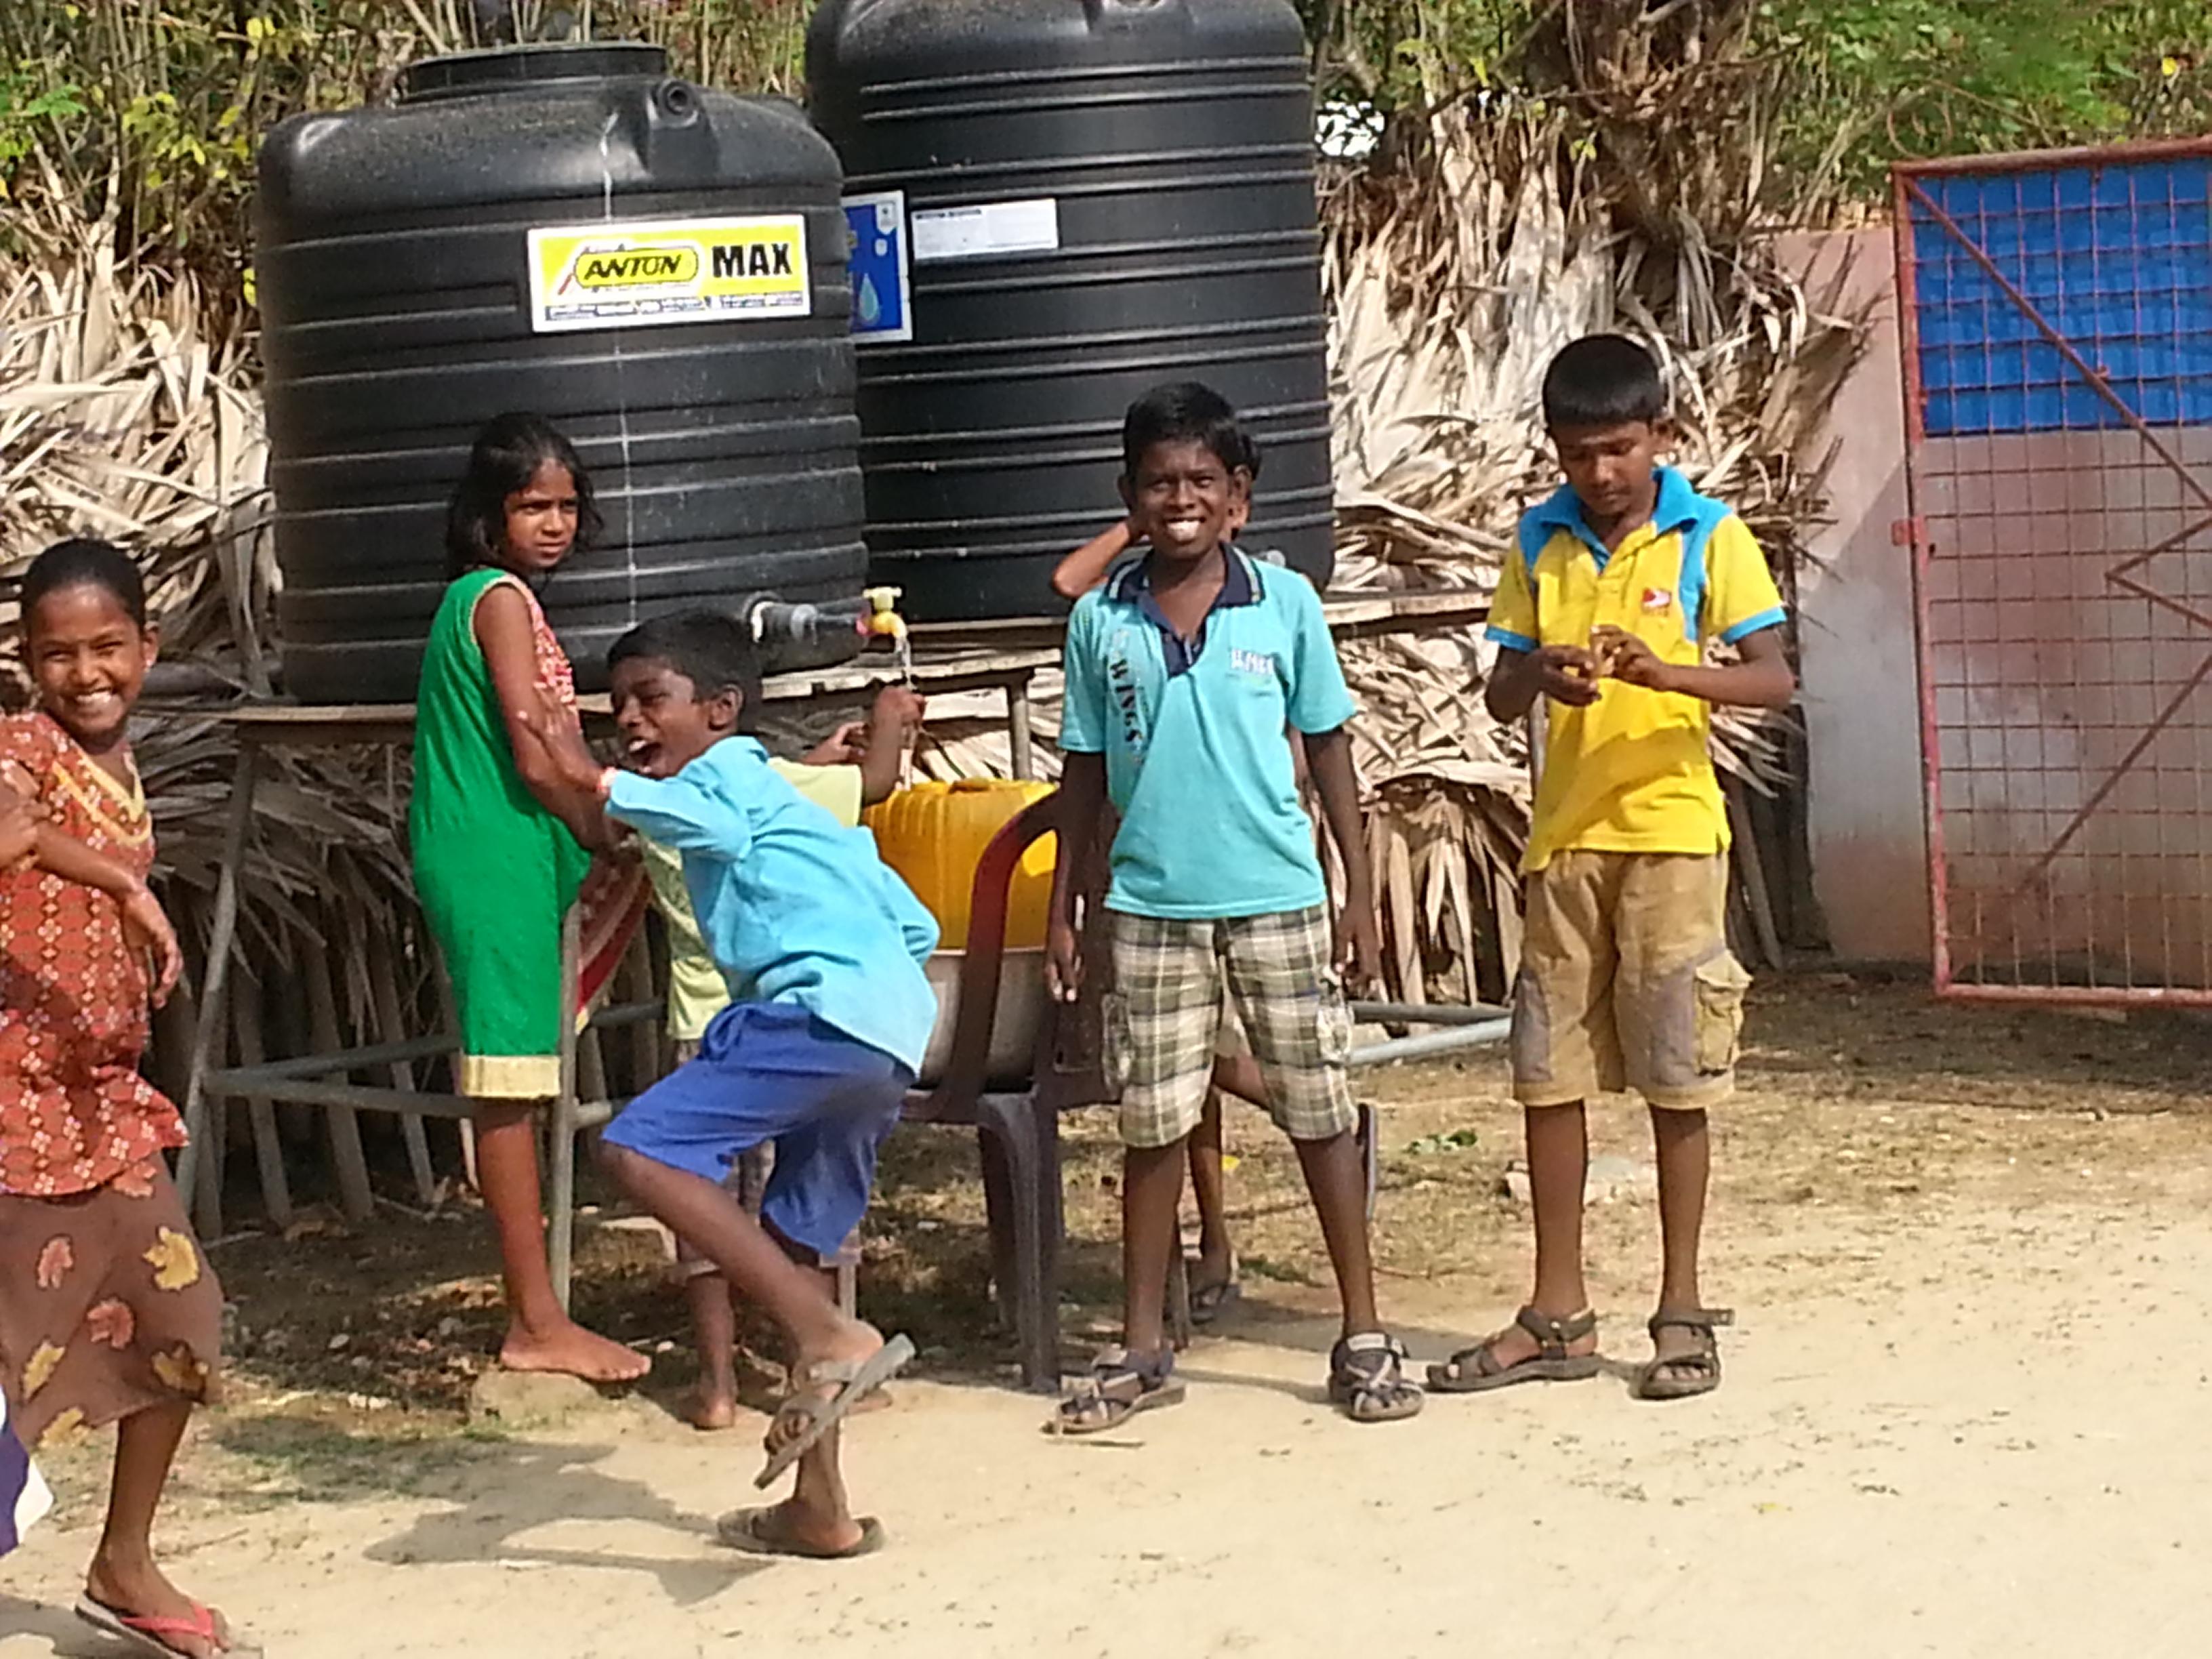 Sri_Lanka_2017_Lindley_Kinerk_06.jpeg